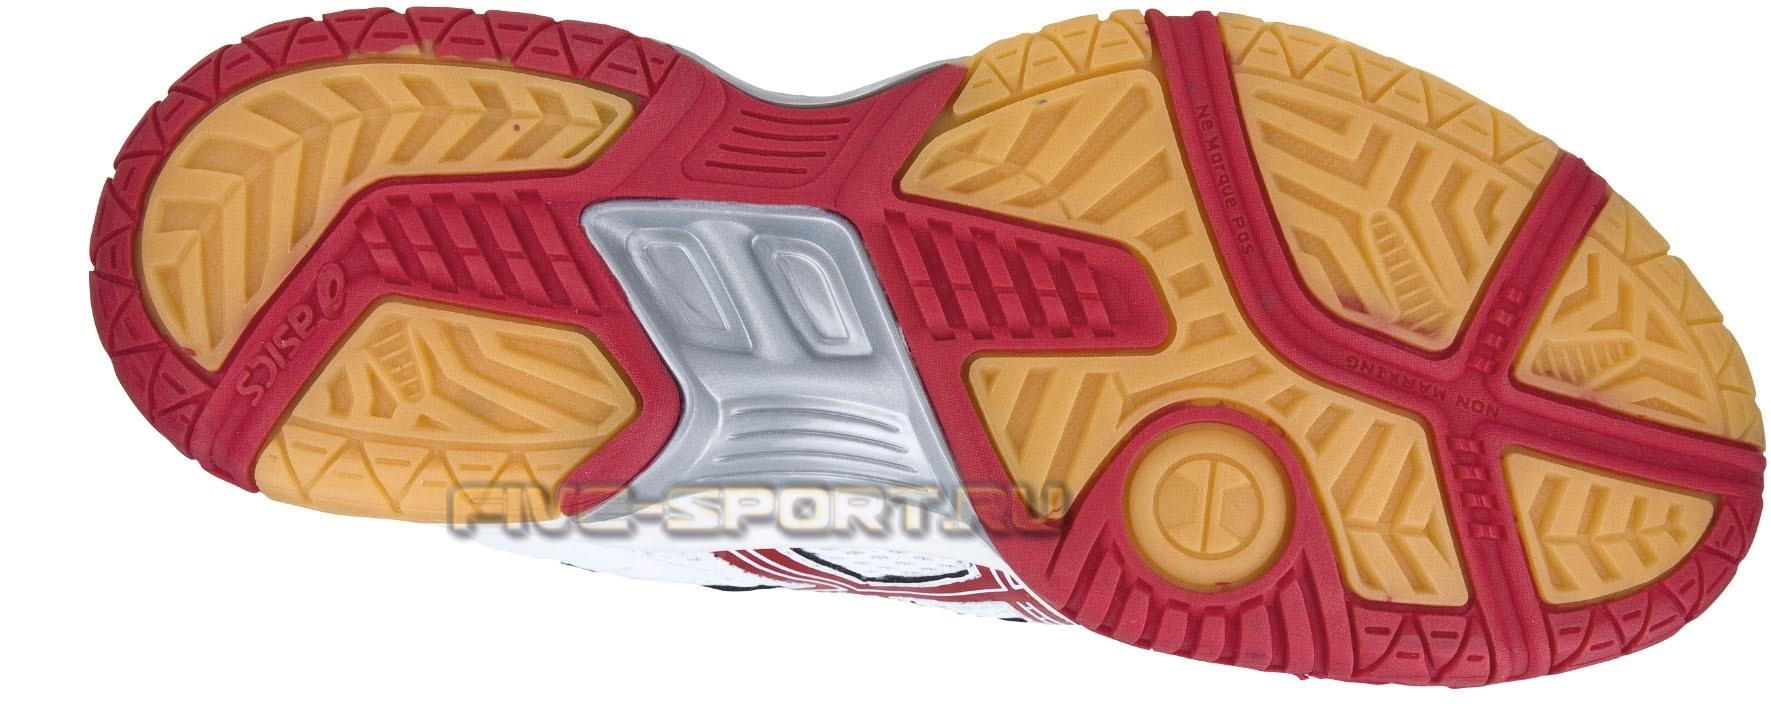 Asics Gel-Rocket 6 кроссовки волейбольные для женщин